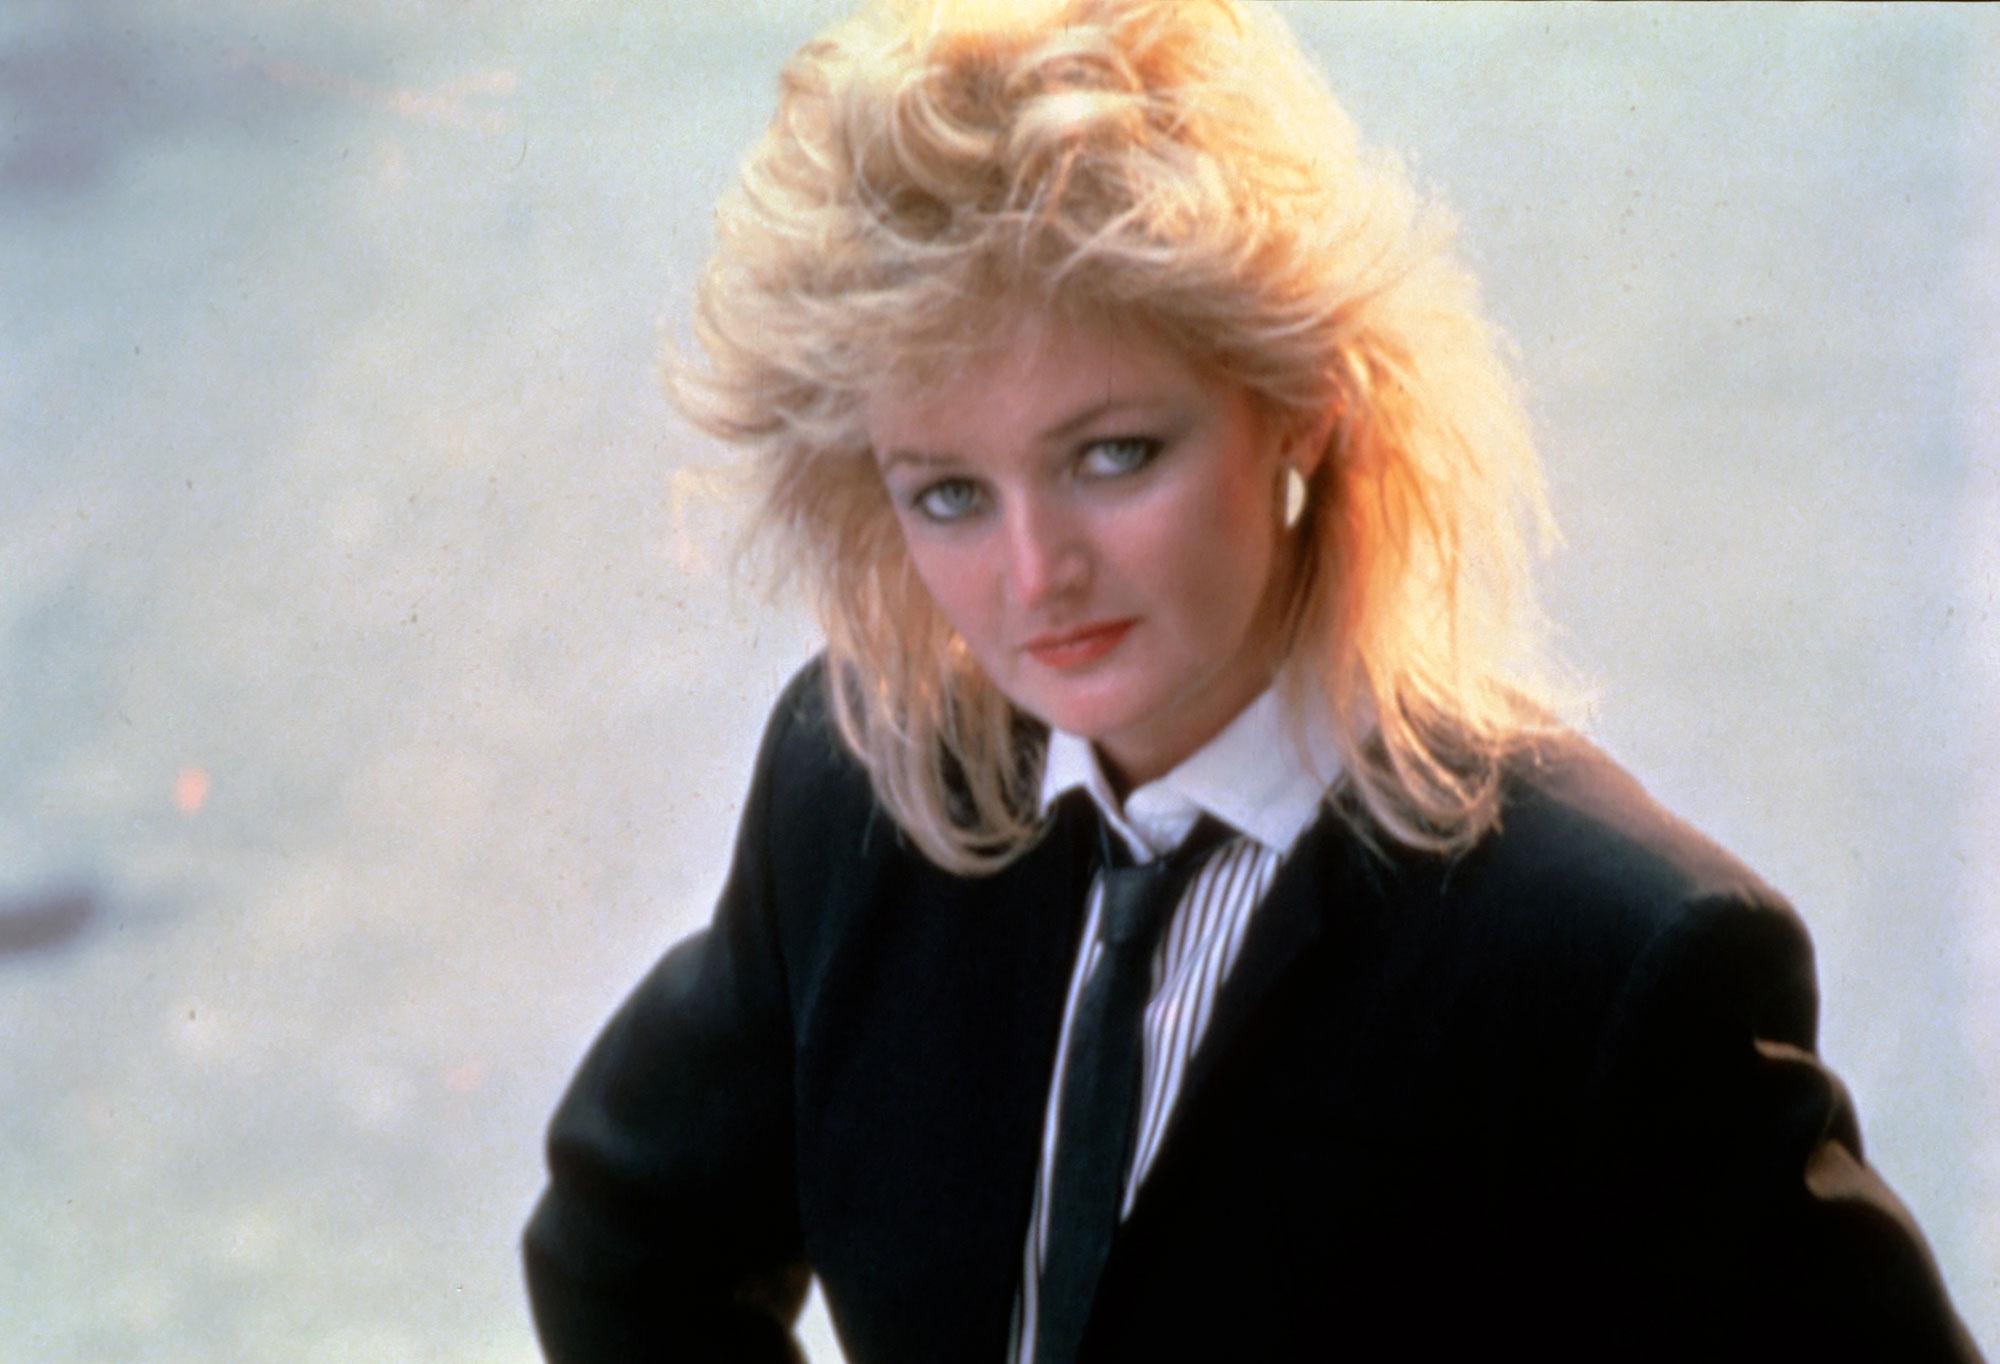 Sokan így emlékeznek rá: Bonnie Tyler sikerei csúcsán, a '80-as években.